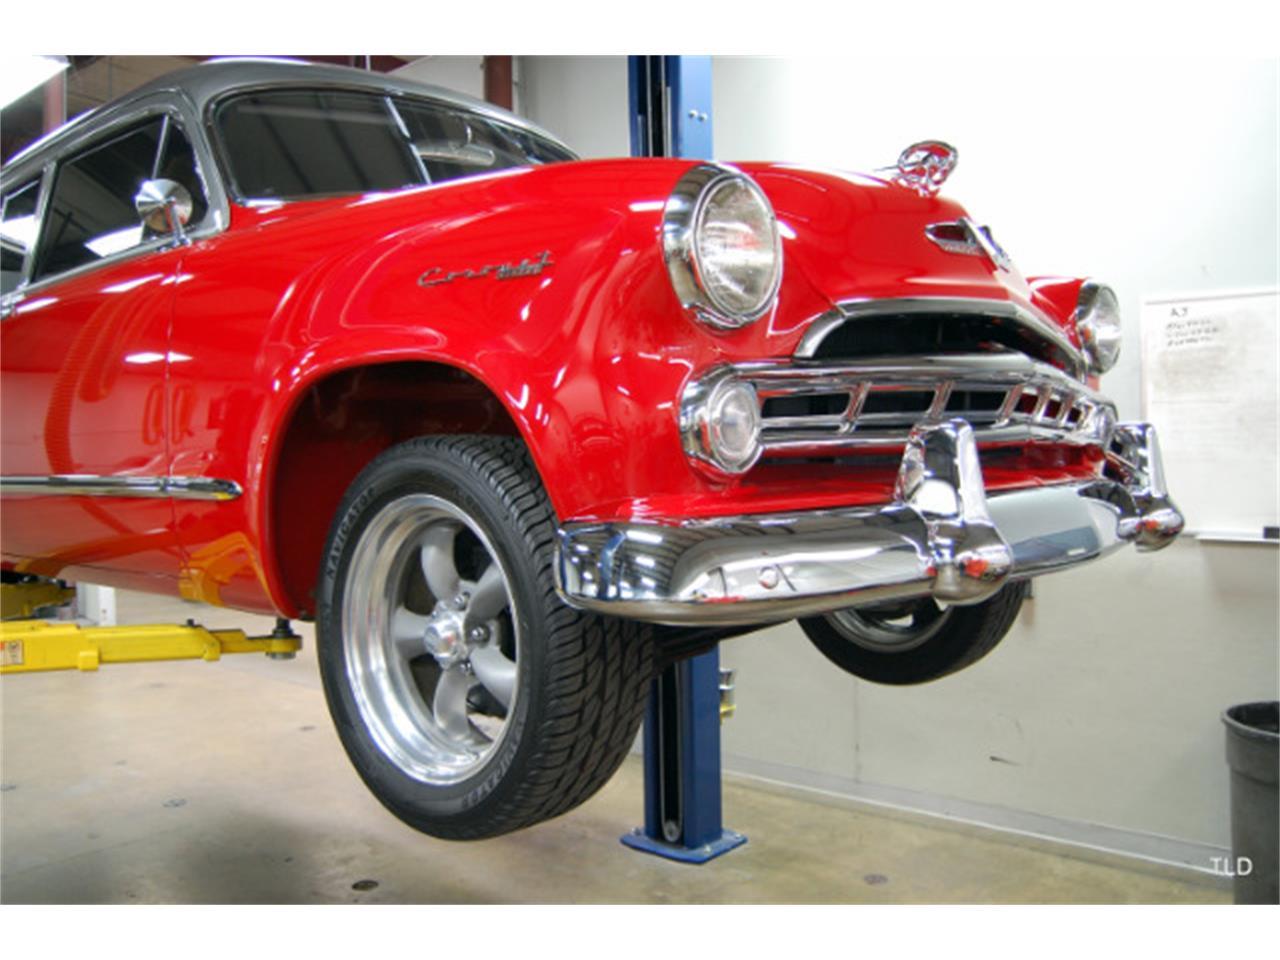 Large Picture of Classic 1953 Dodge Coronet located in Chicago Illinois - $48,000.00 - L6DA